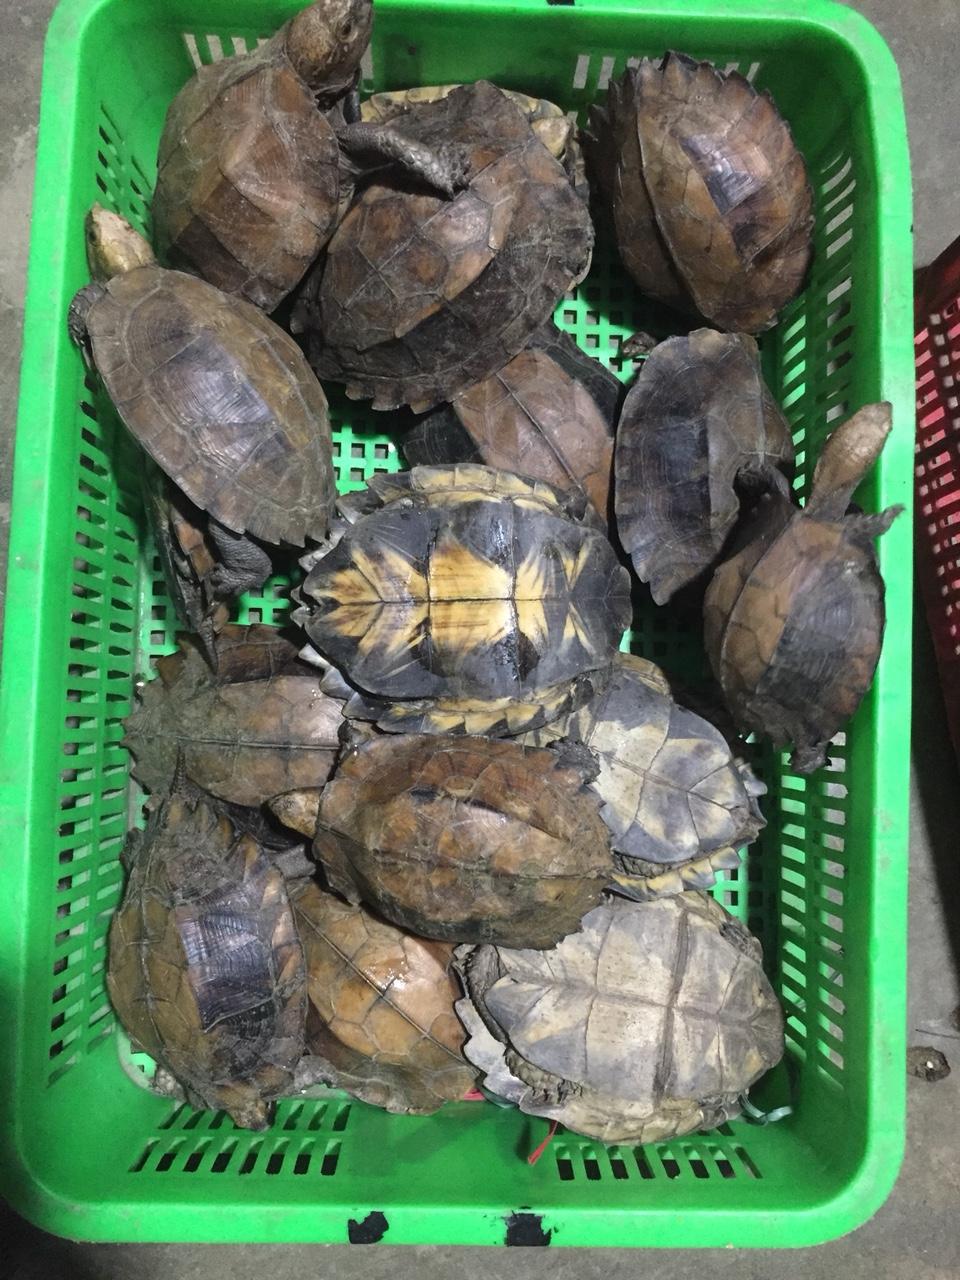 Một số cá thể rùa cơ quan chức năng thu giữ được tại trang trại bà Kim Cương. Ảnh: CA cung cấp